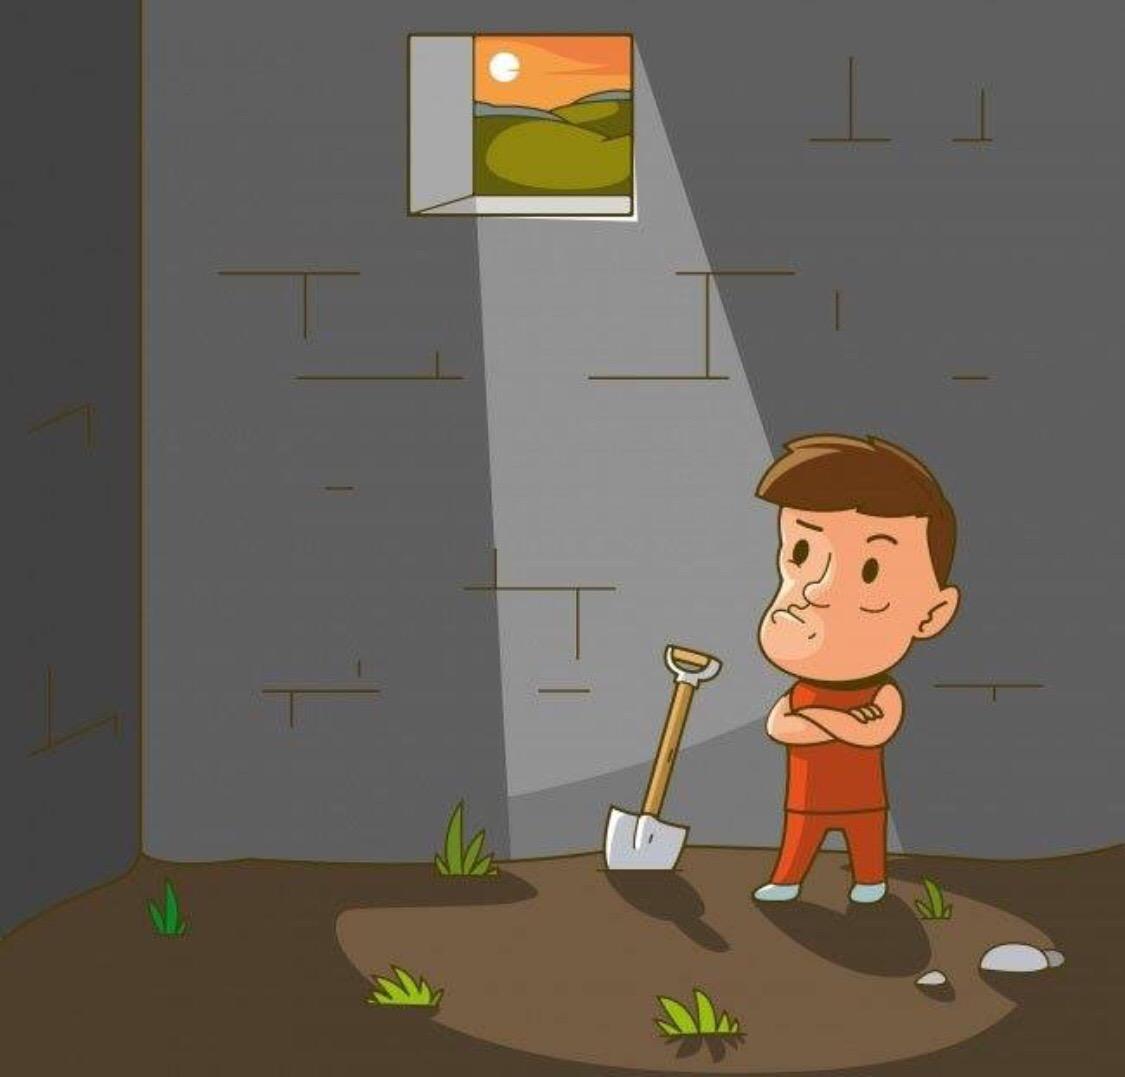 Сможете ли вы сбежать из тюрьмы? Узнайте, решив головоломку!